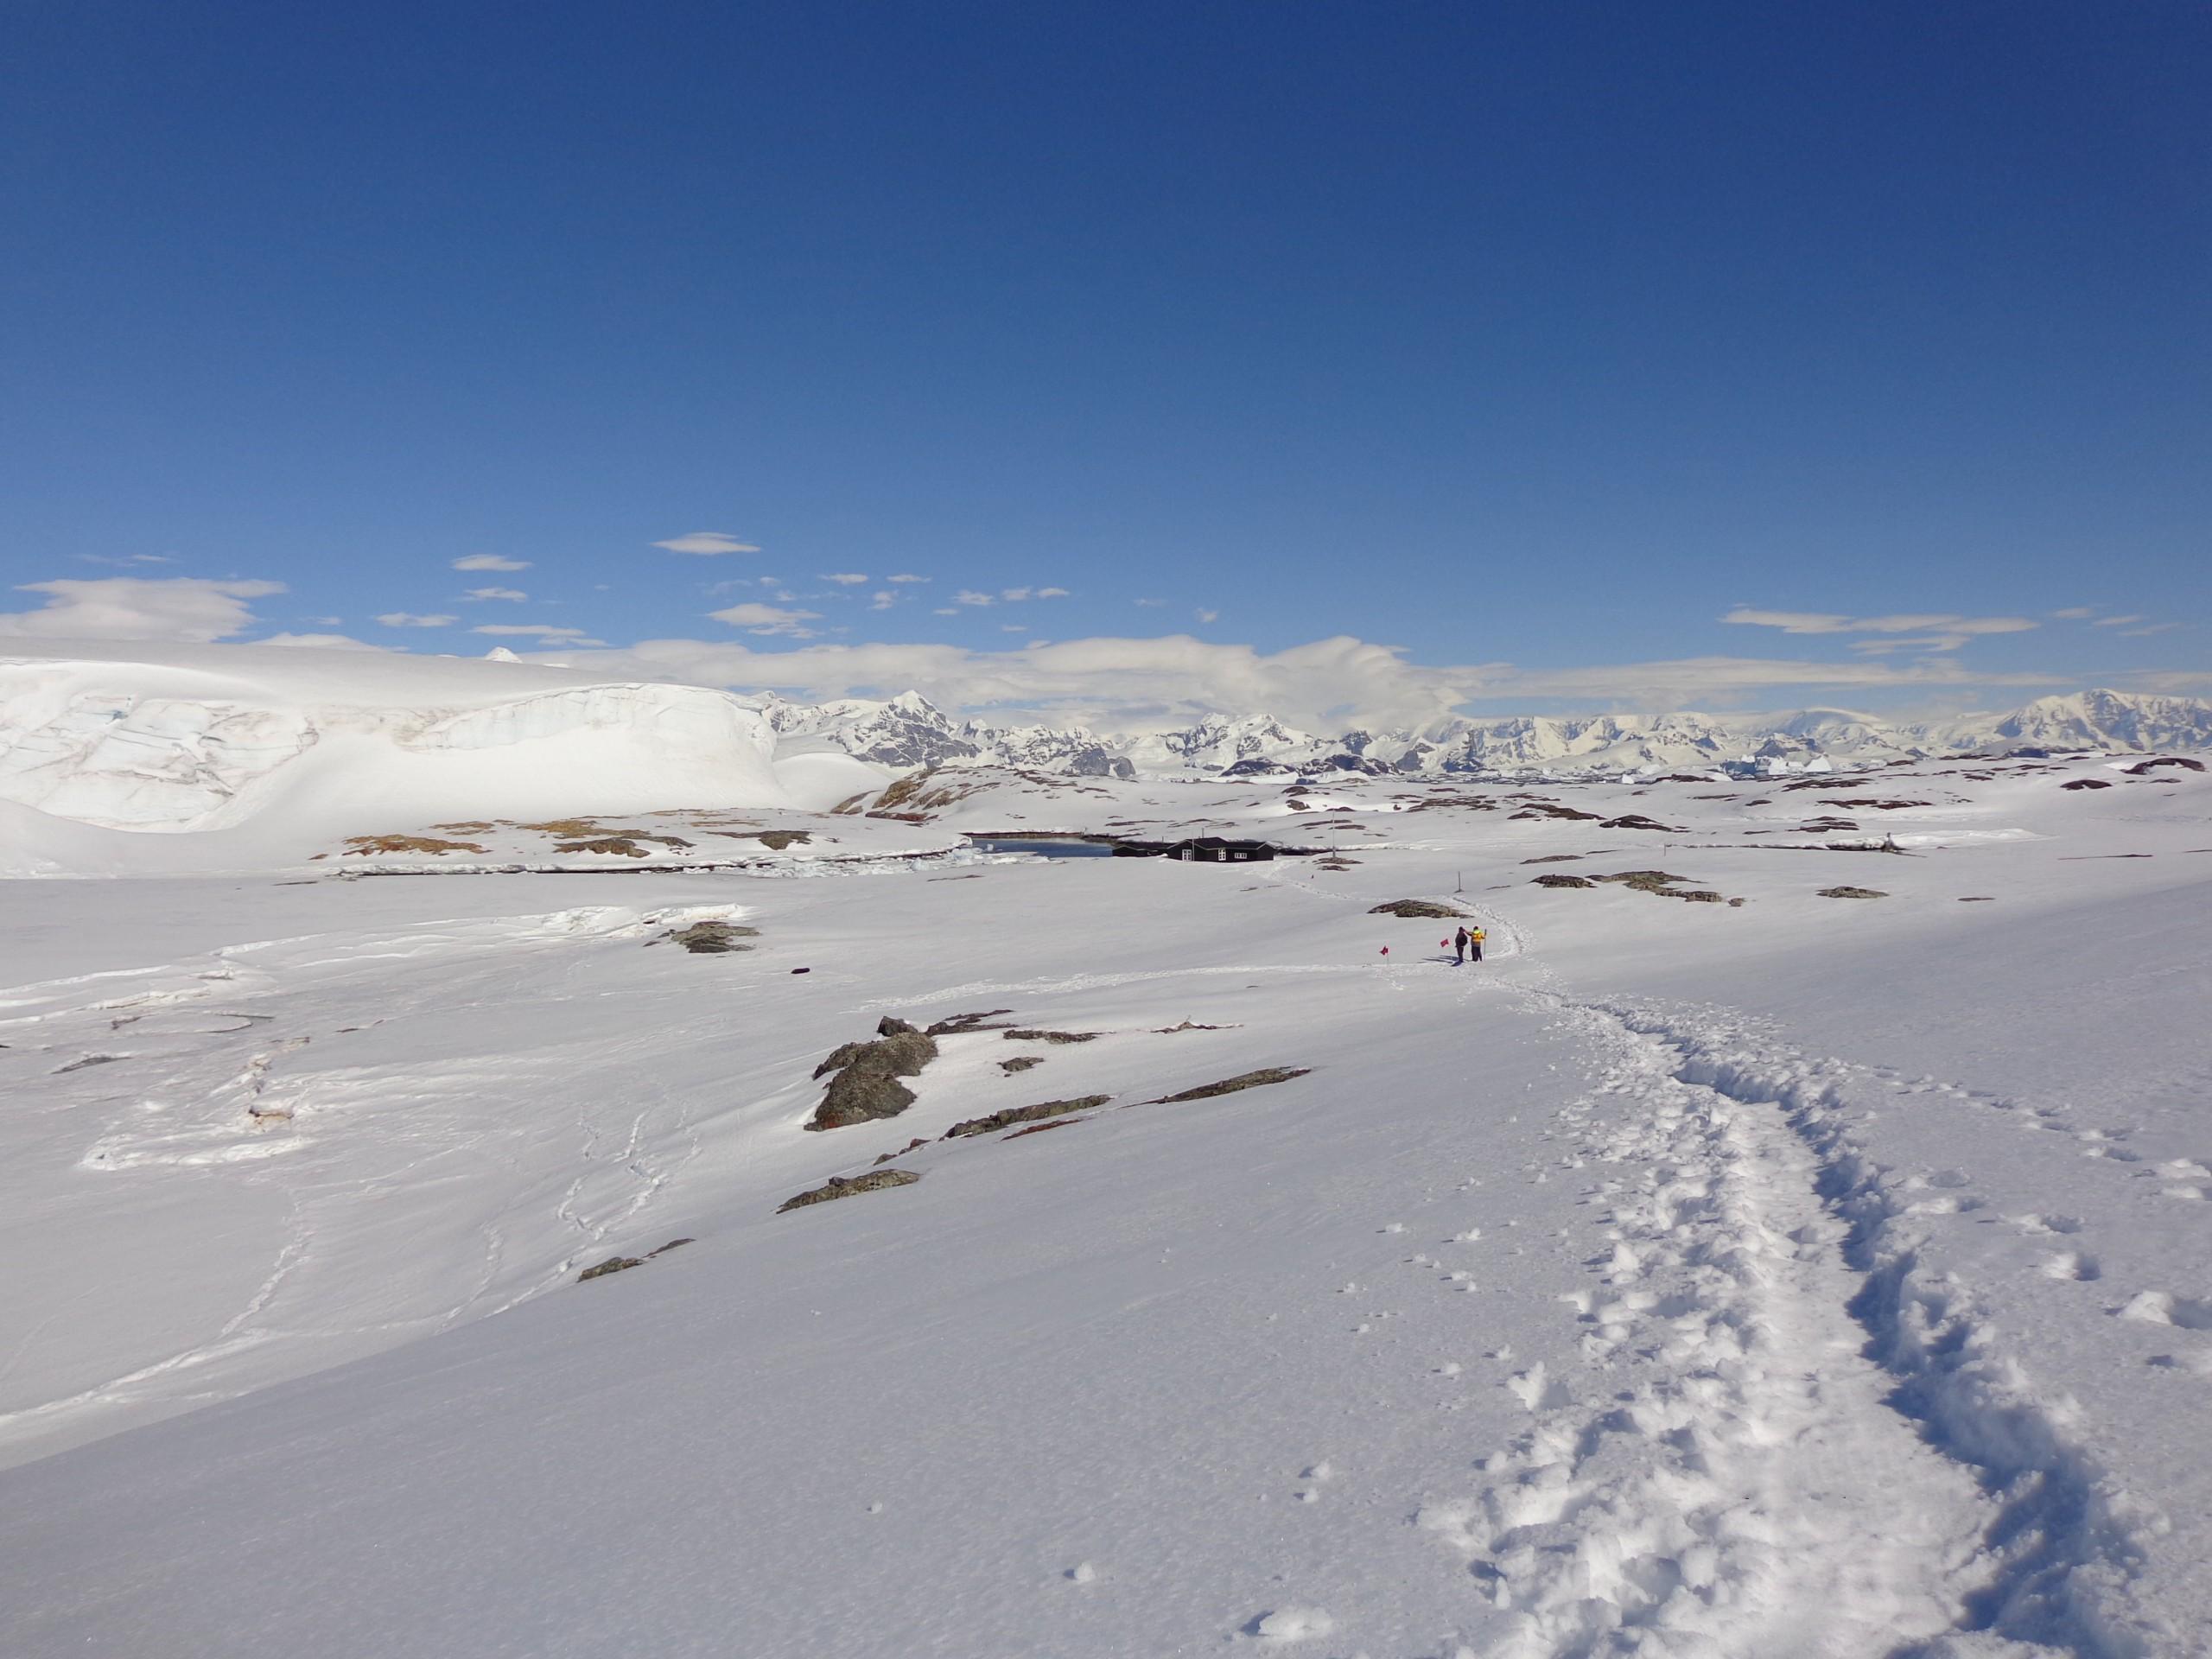 Snowy Winter Panorama